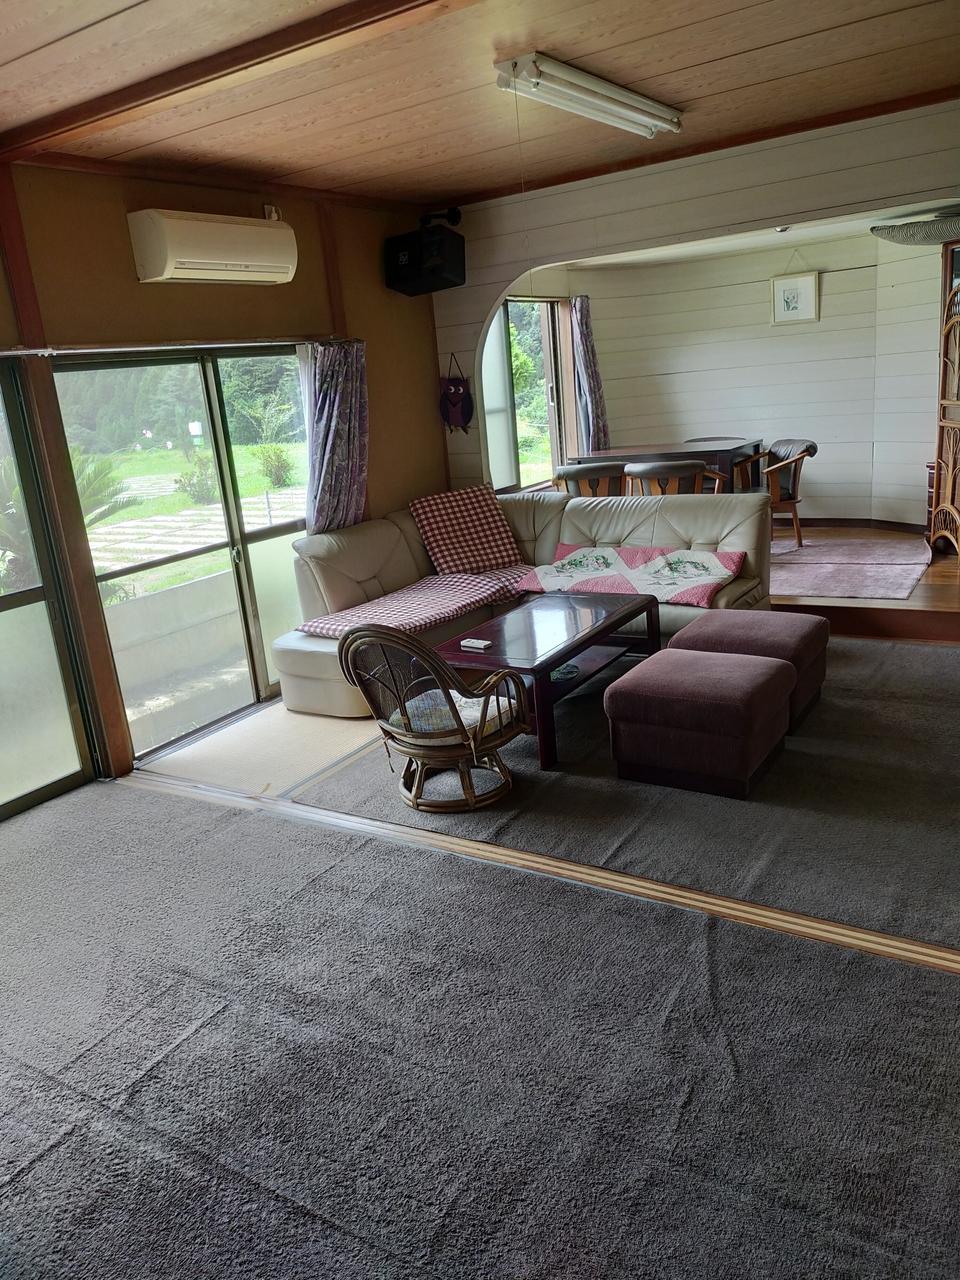 第1サイト貸室「エアコン付き和室15畳」※パーク利用車専用(貸室のみでは予約不可)